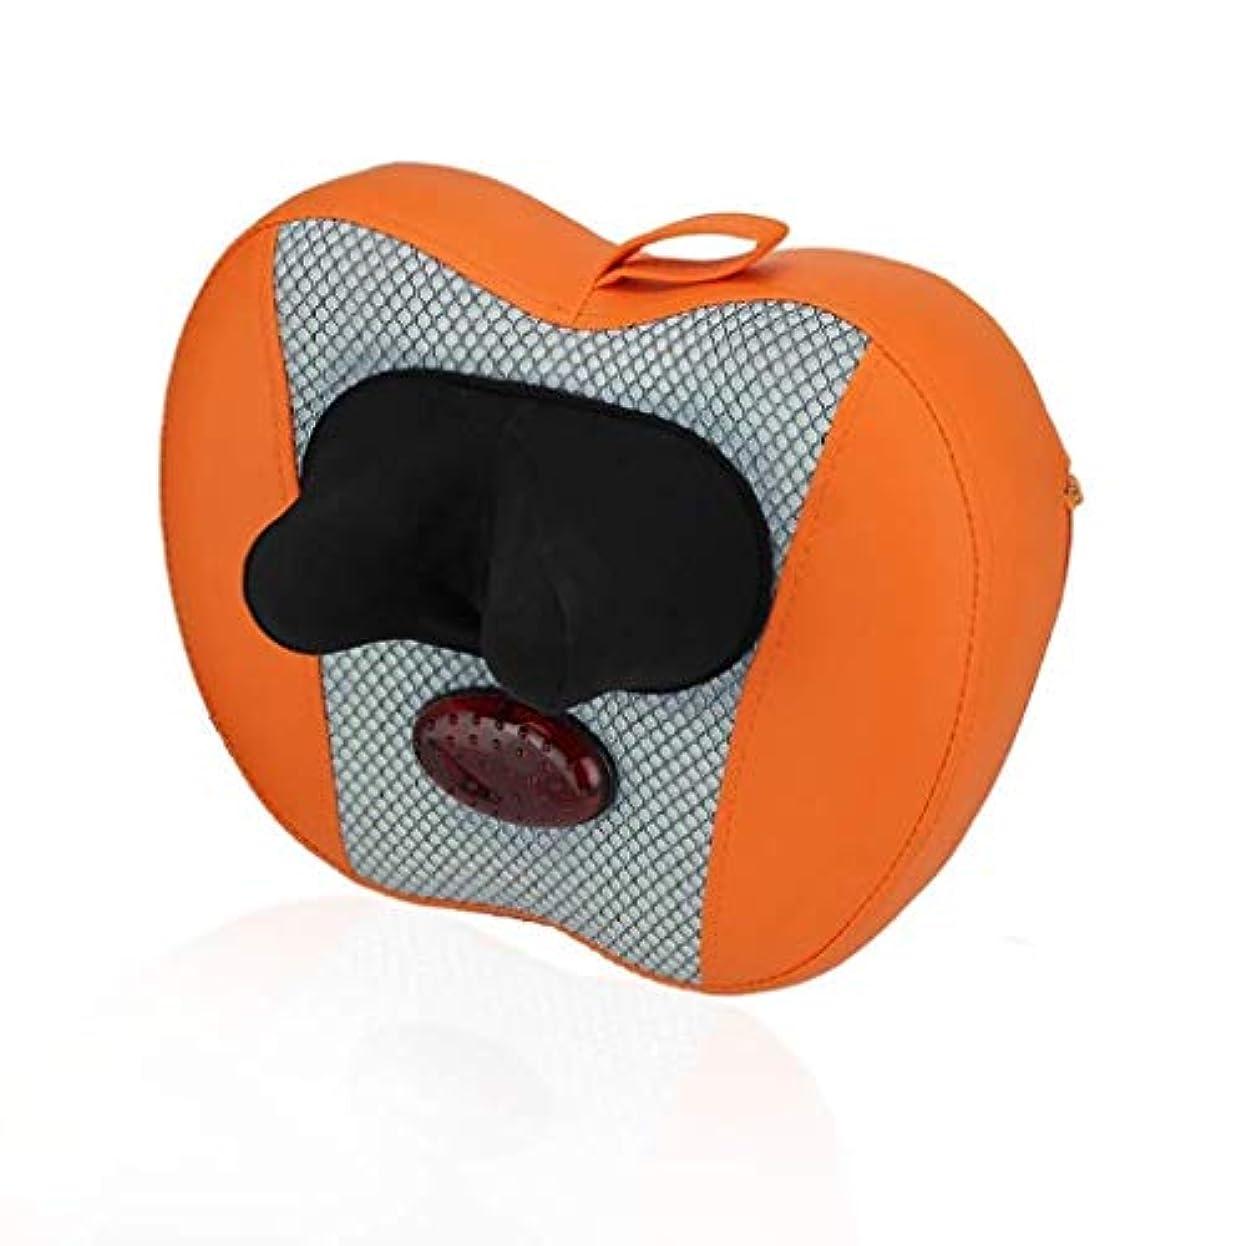 バイオレットベイビー数学的なマッサージャー、首/背中のマッサージ枕、電動マッサージクッション、首、ウエスト、肩暖房ディープニーディングマッサージ枕、筋肉痛の緩和